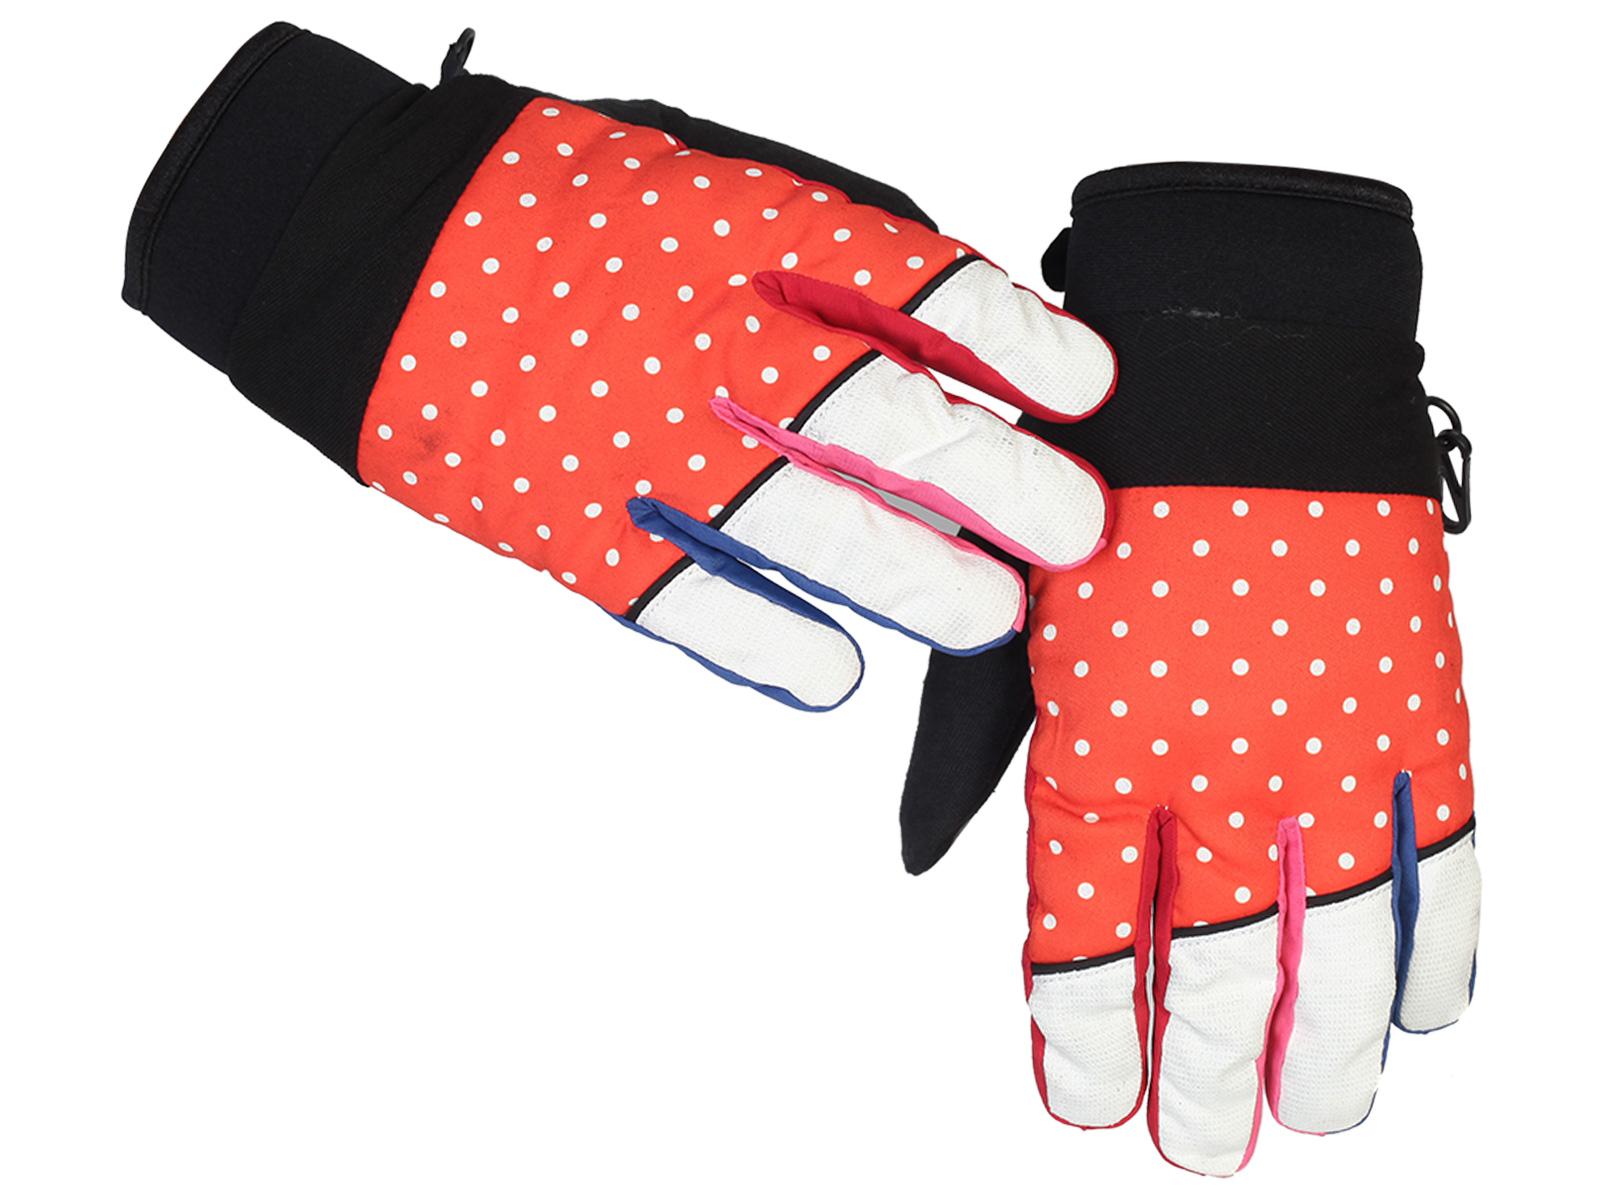 Недорогие женские перчатки от ТМ Scott на зиму – тепло и стильно